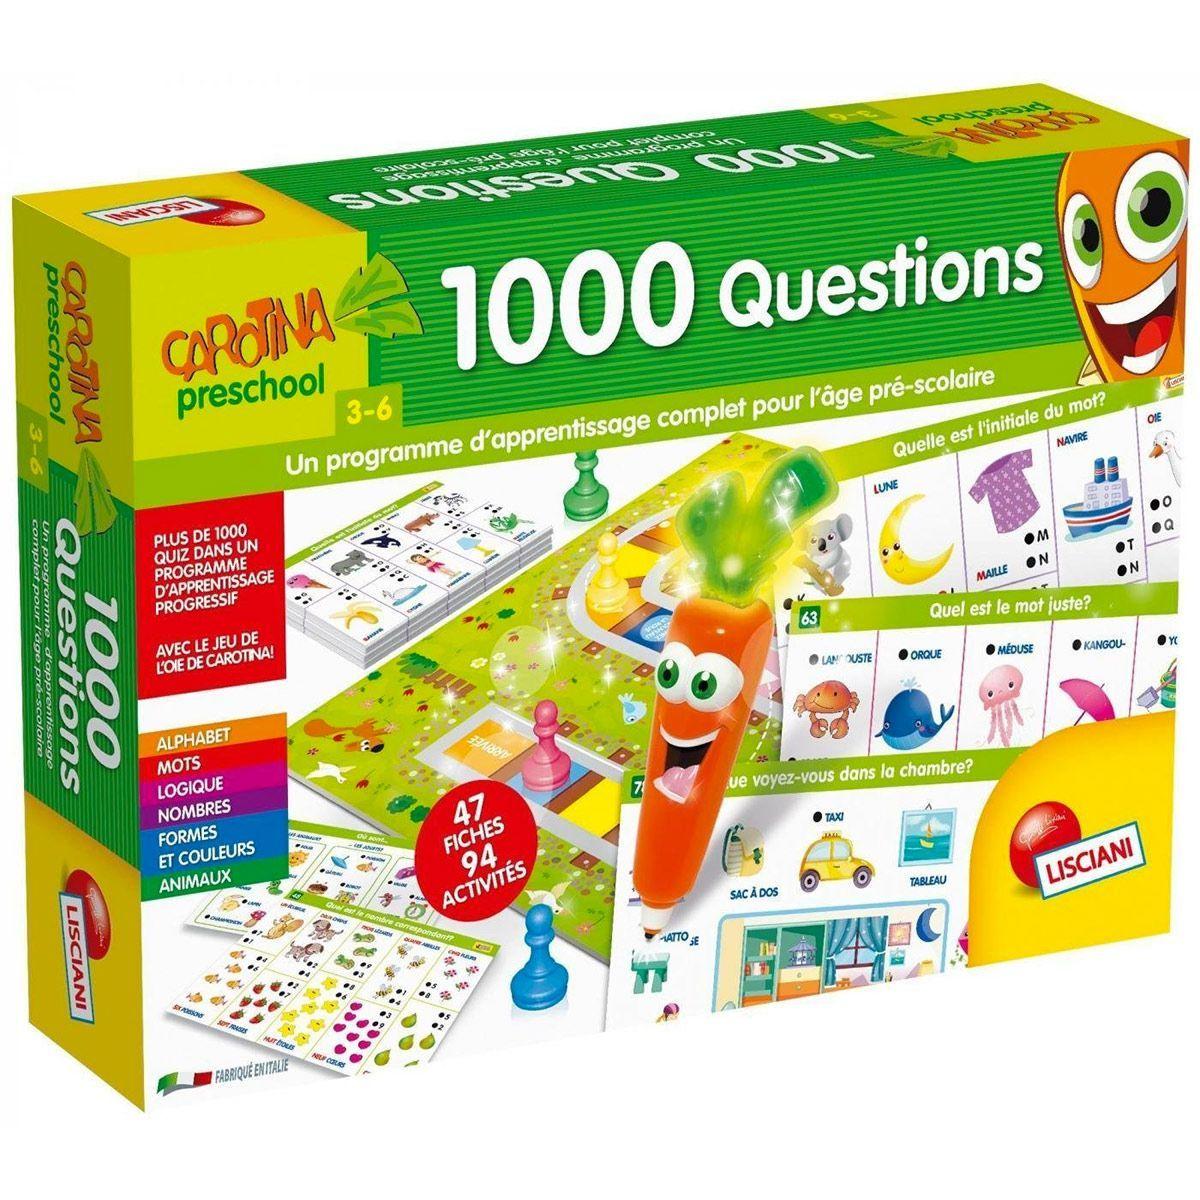 Jeu Educatif 1000 Questions Jeux D 039 Apprentissage La Destine Jeux Educatif 3 Ans